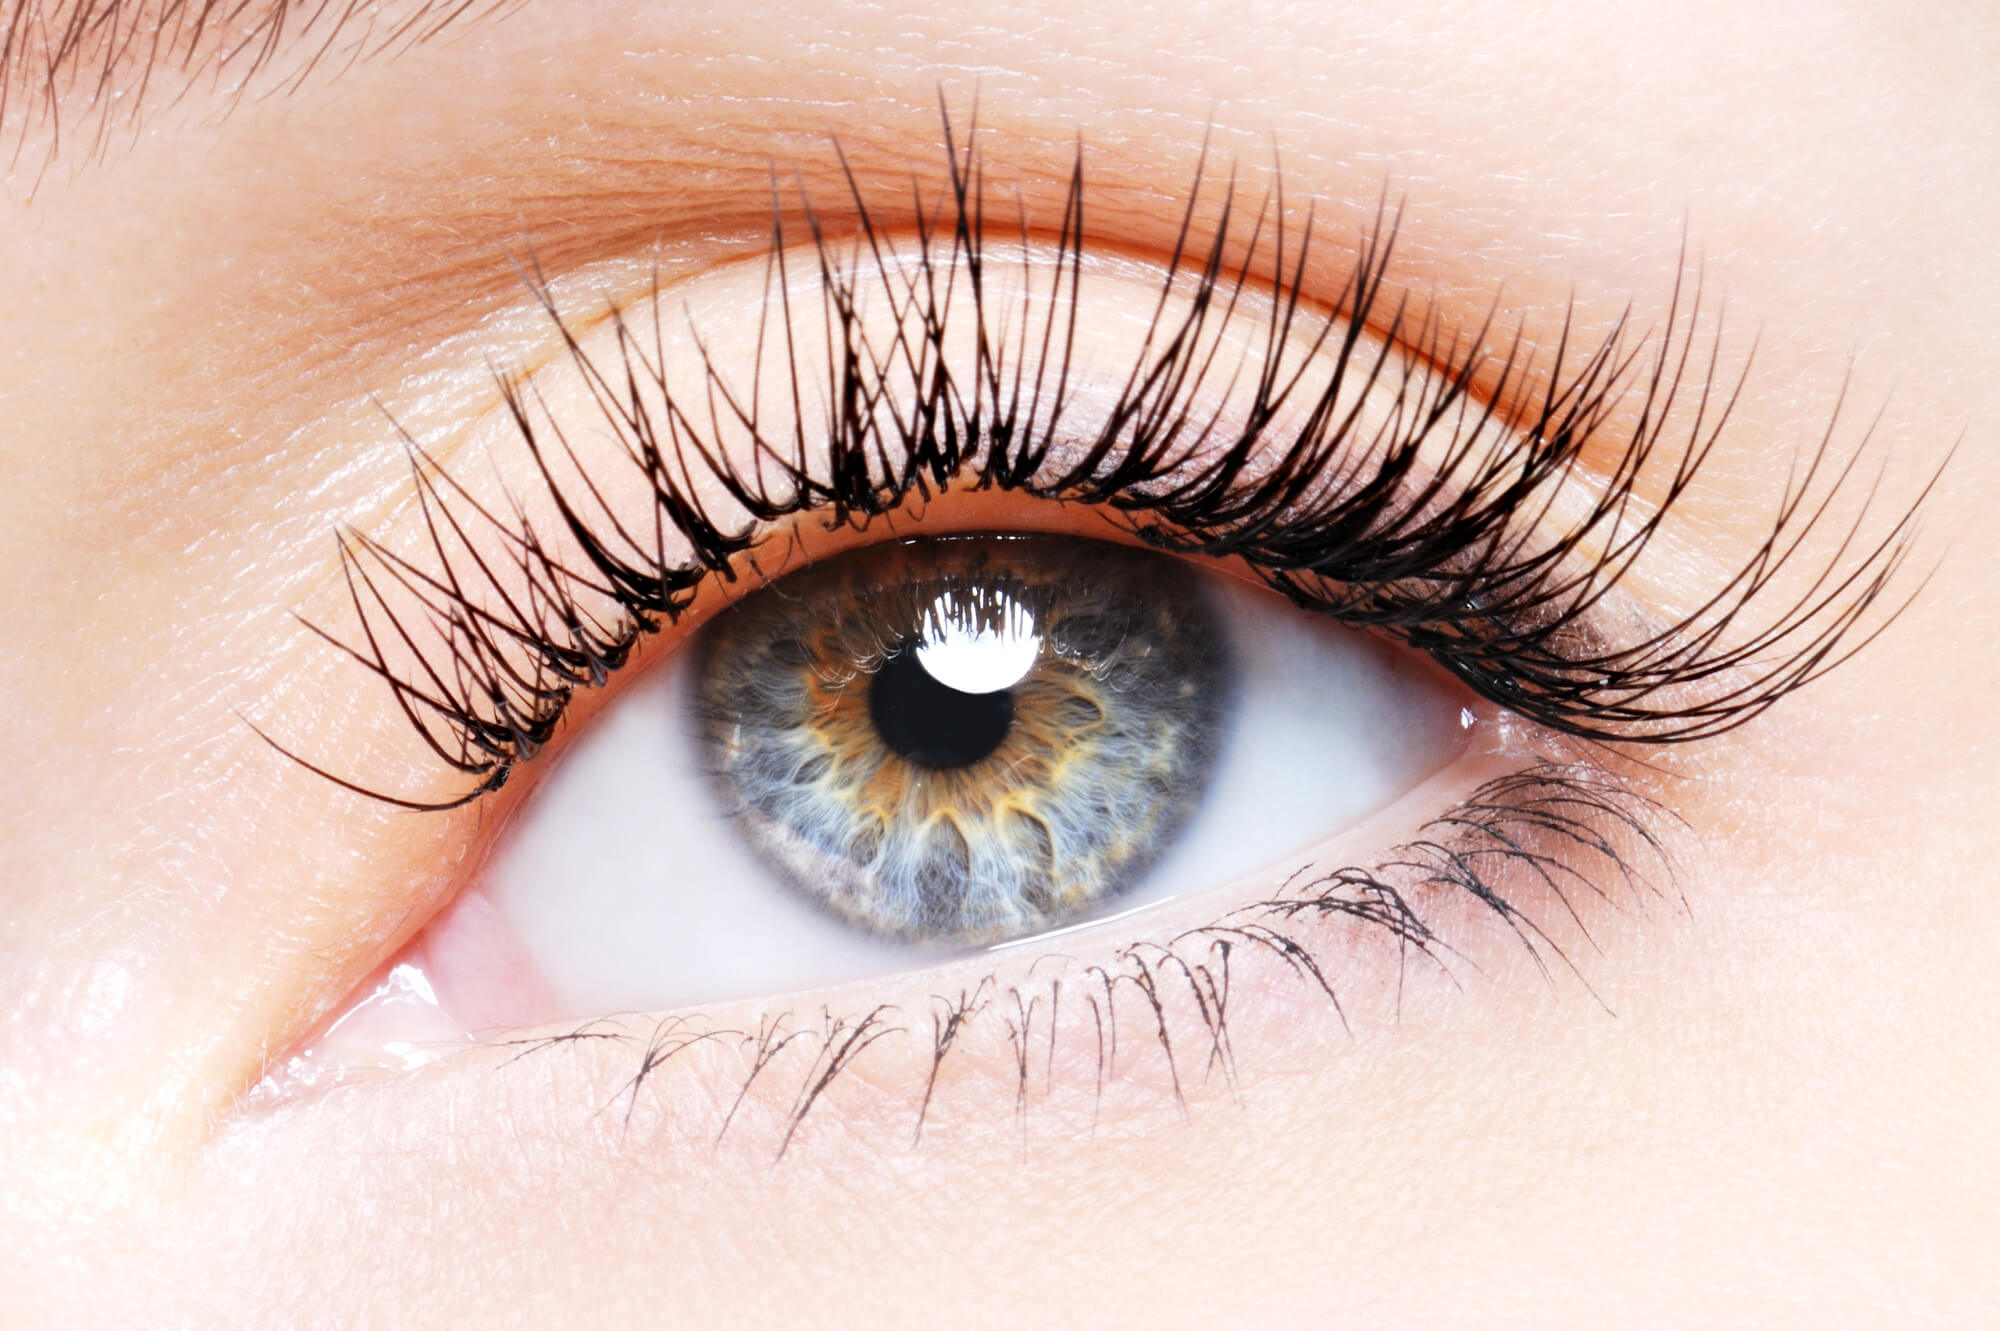 Få længere øjenvipper med castorolie - Ricinusoliens